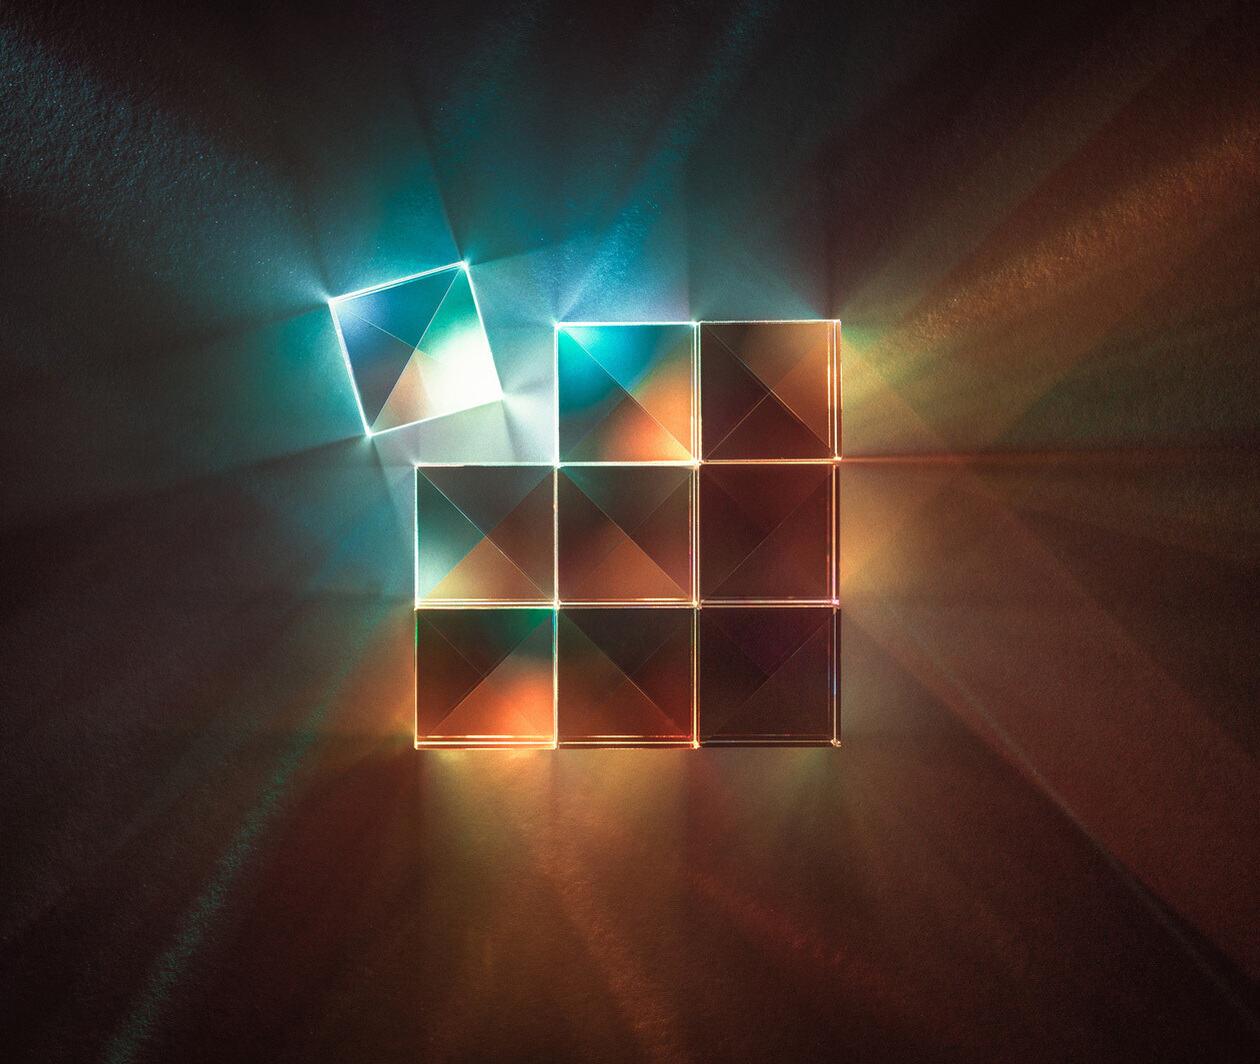 EEE726.2 Digital Pedagogies: Beyond Constructive Alignment